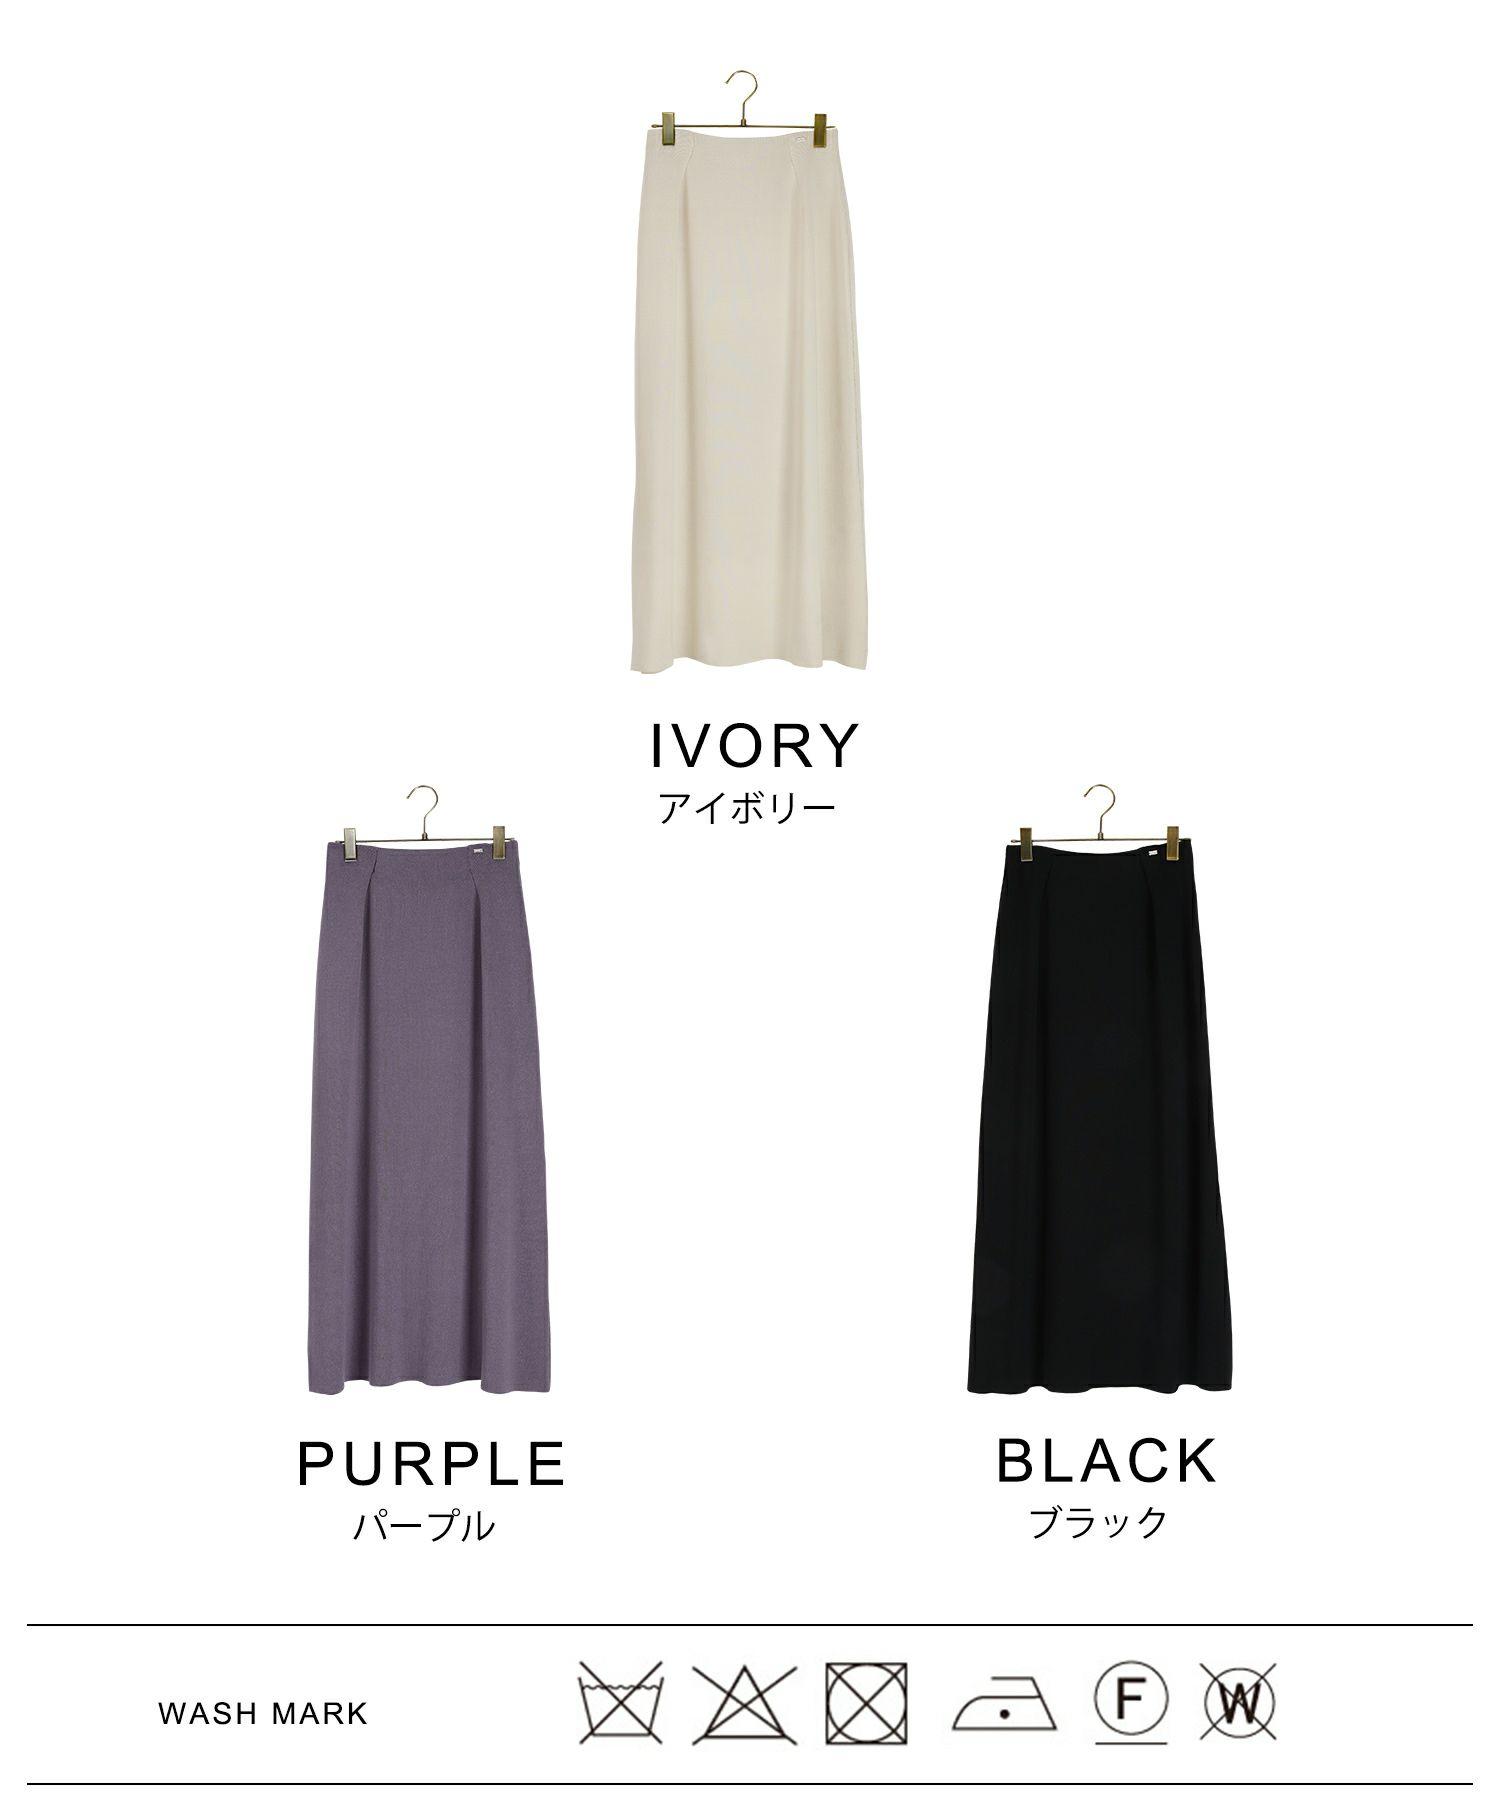 ニットスカート/Aライン/アイボリー/パープル/ブラック